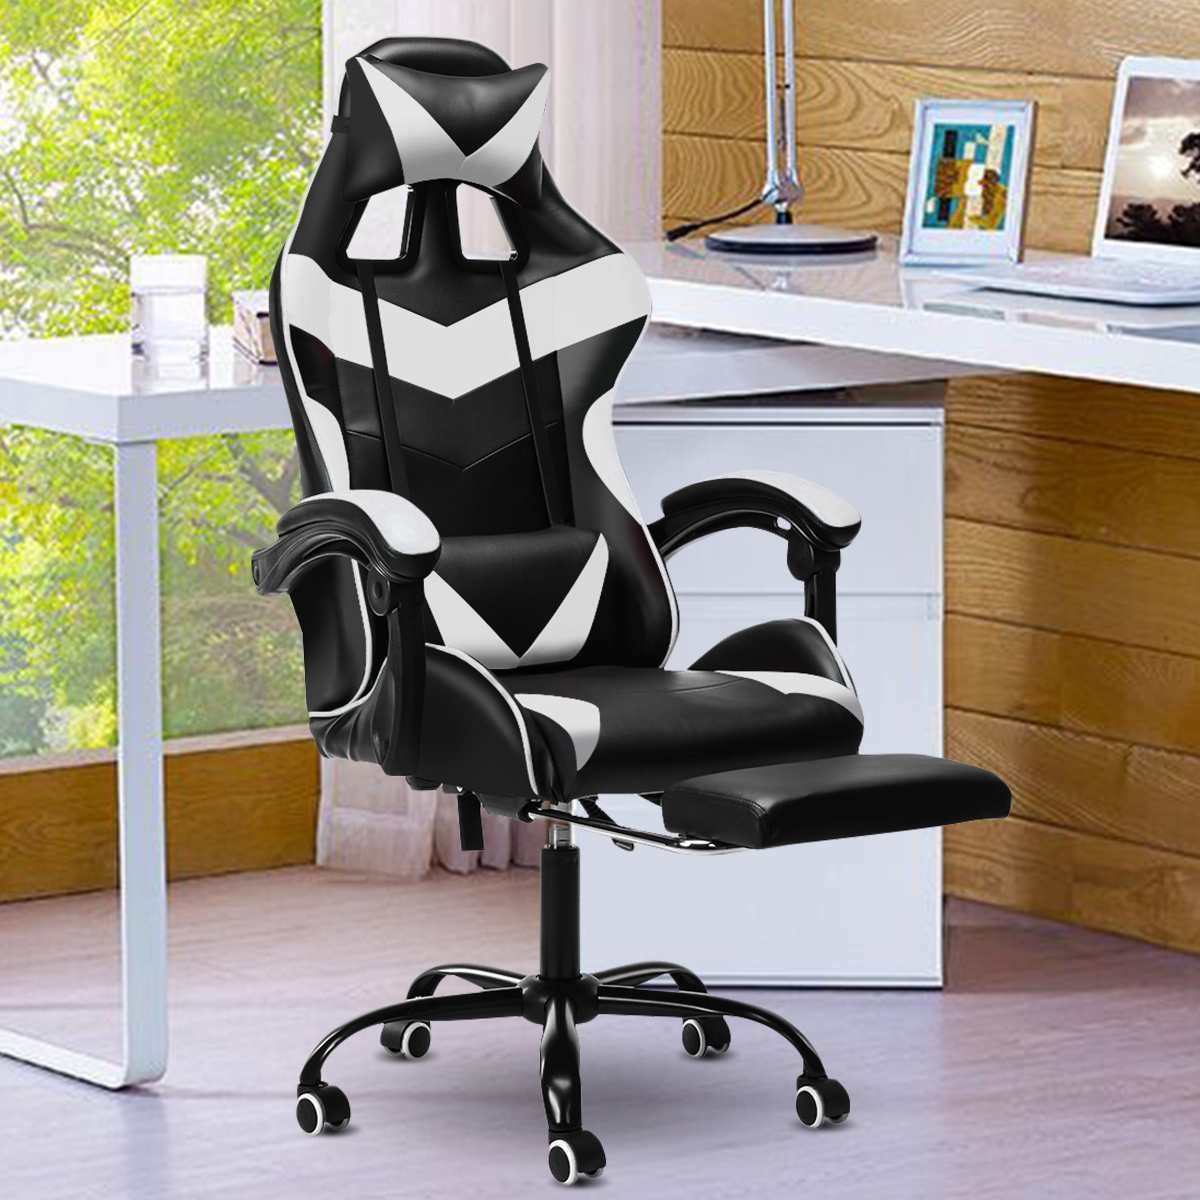 Эргономичный кожаный офисный игровой стул, домашний гоночный стул WCG, Интернет, кофе, компьютер, вращающийся подъемник, игровой стул